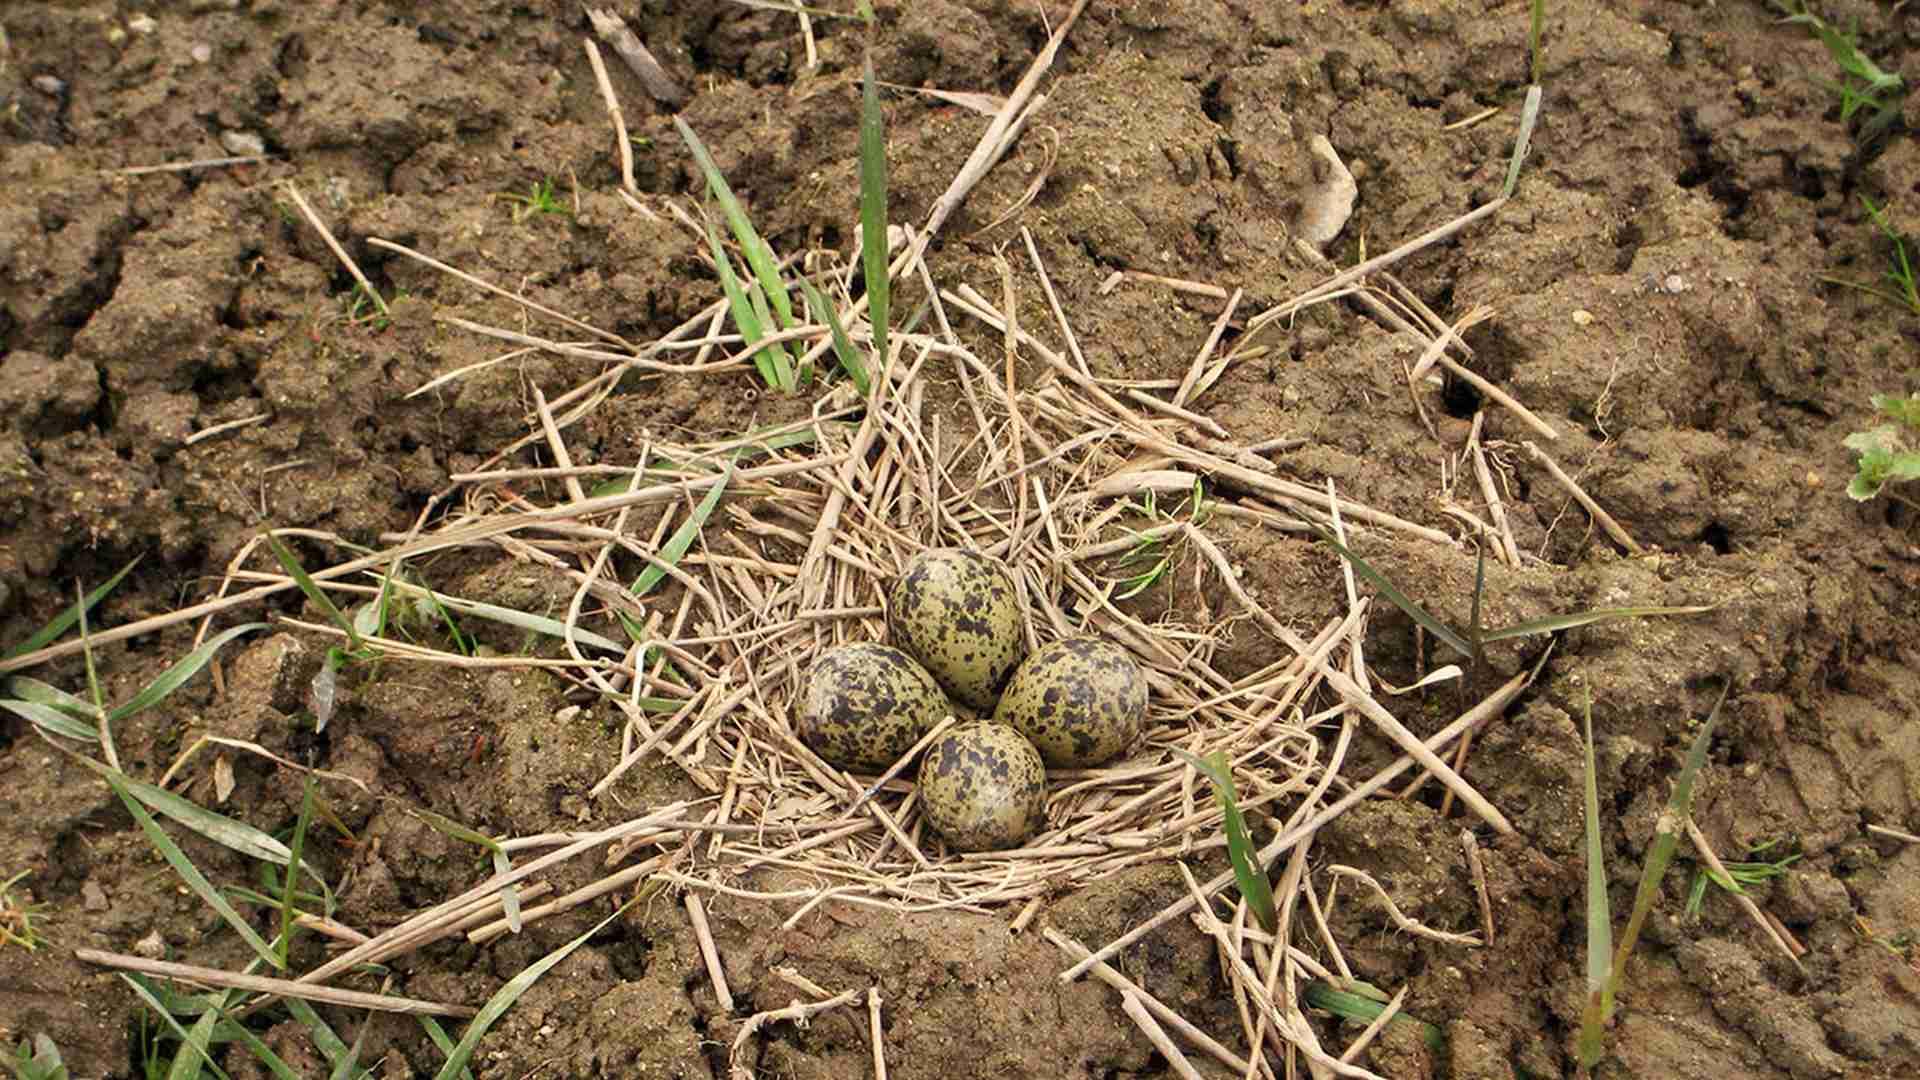 Ptačí hnízdo s vajíčky na poli